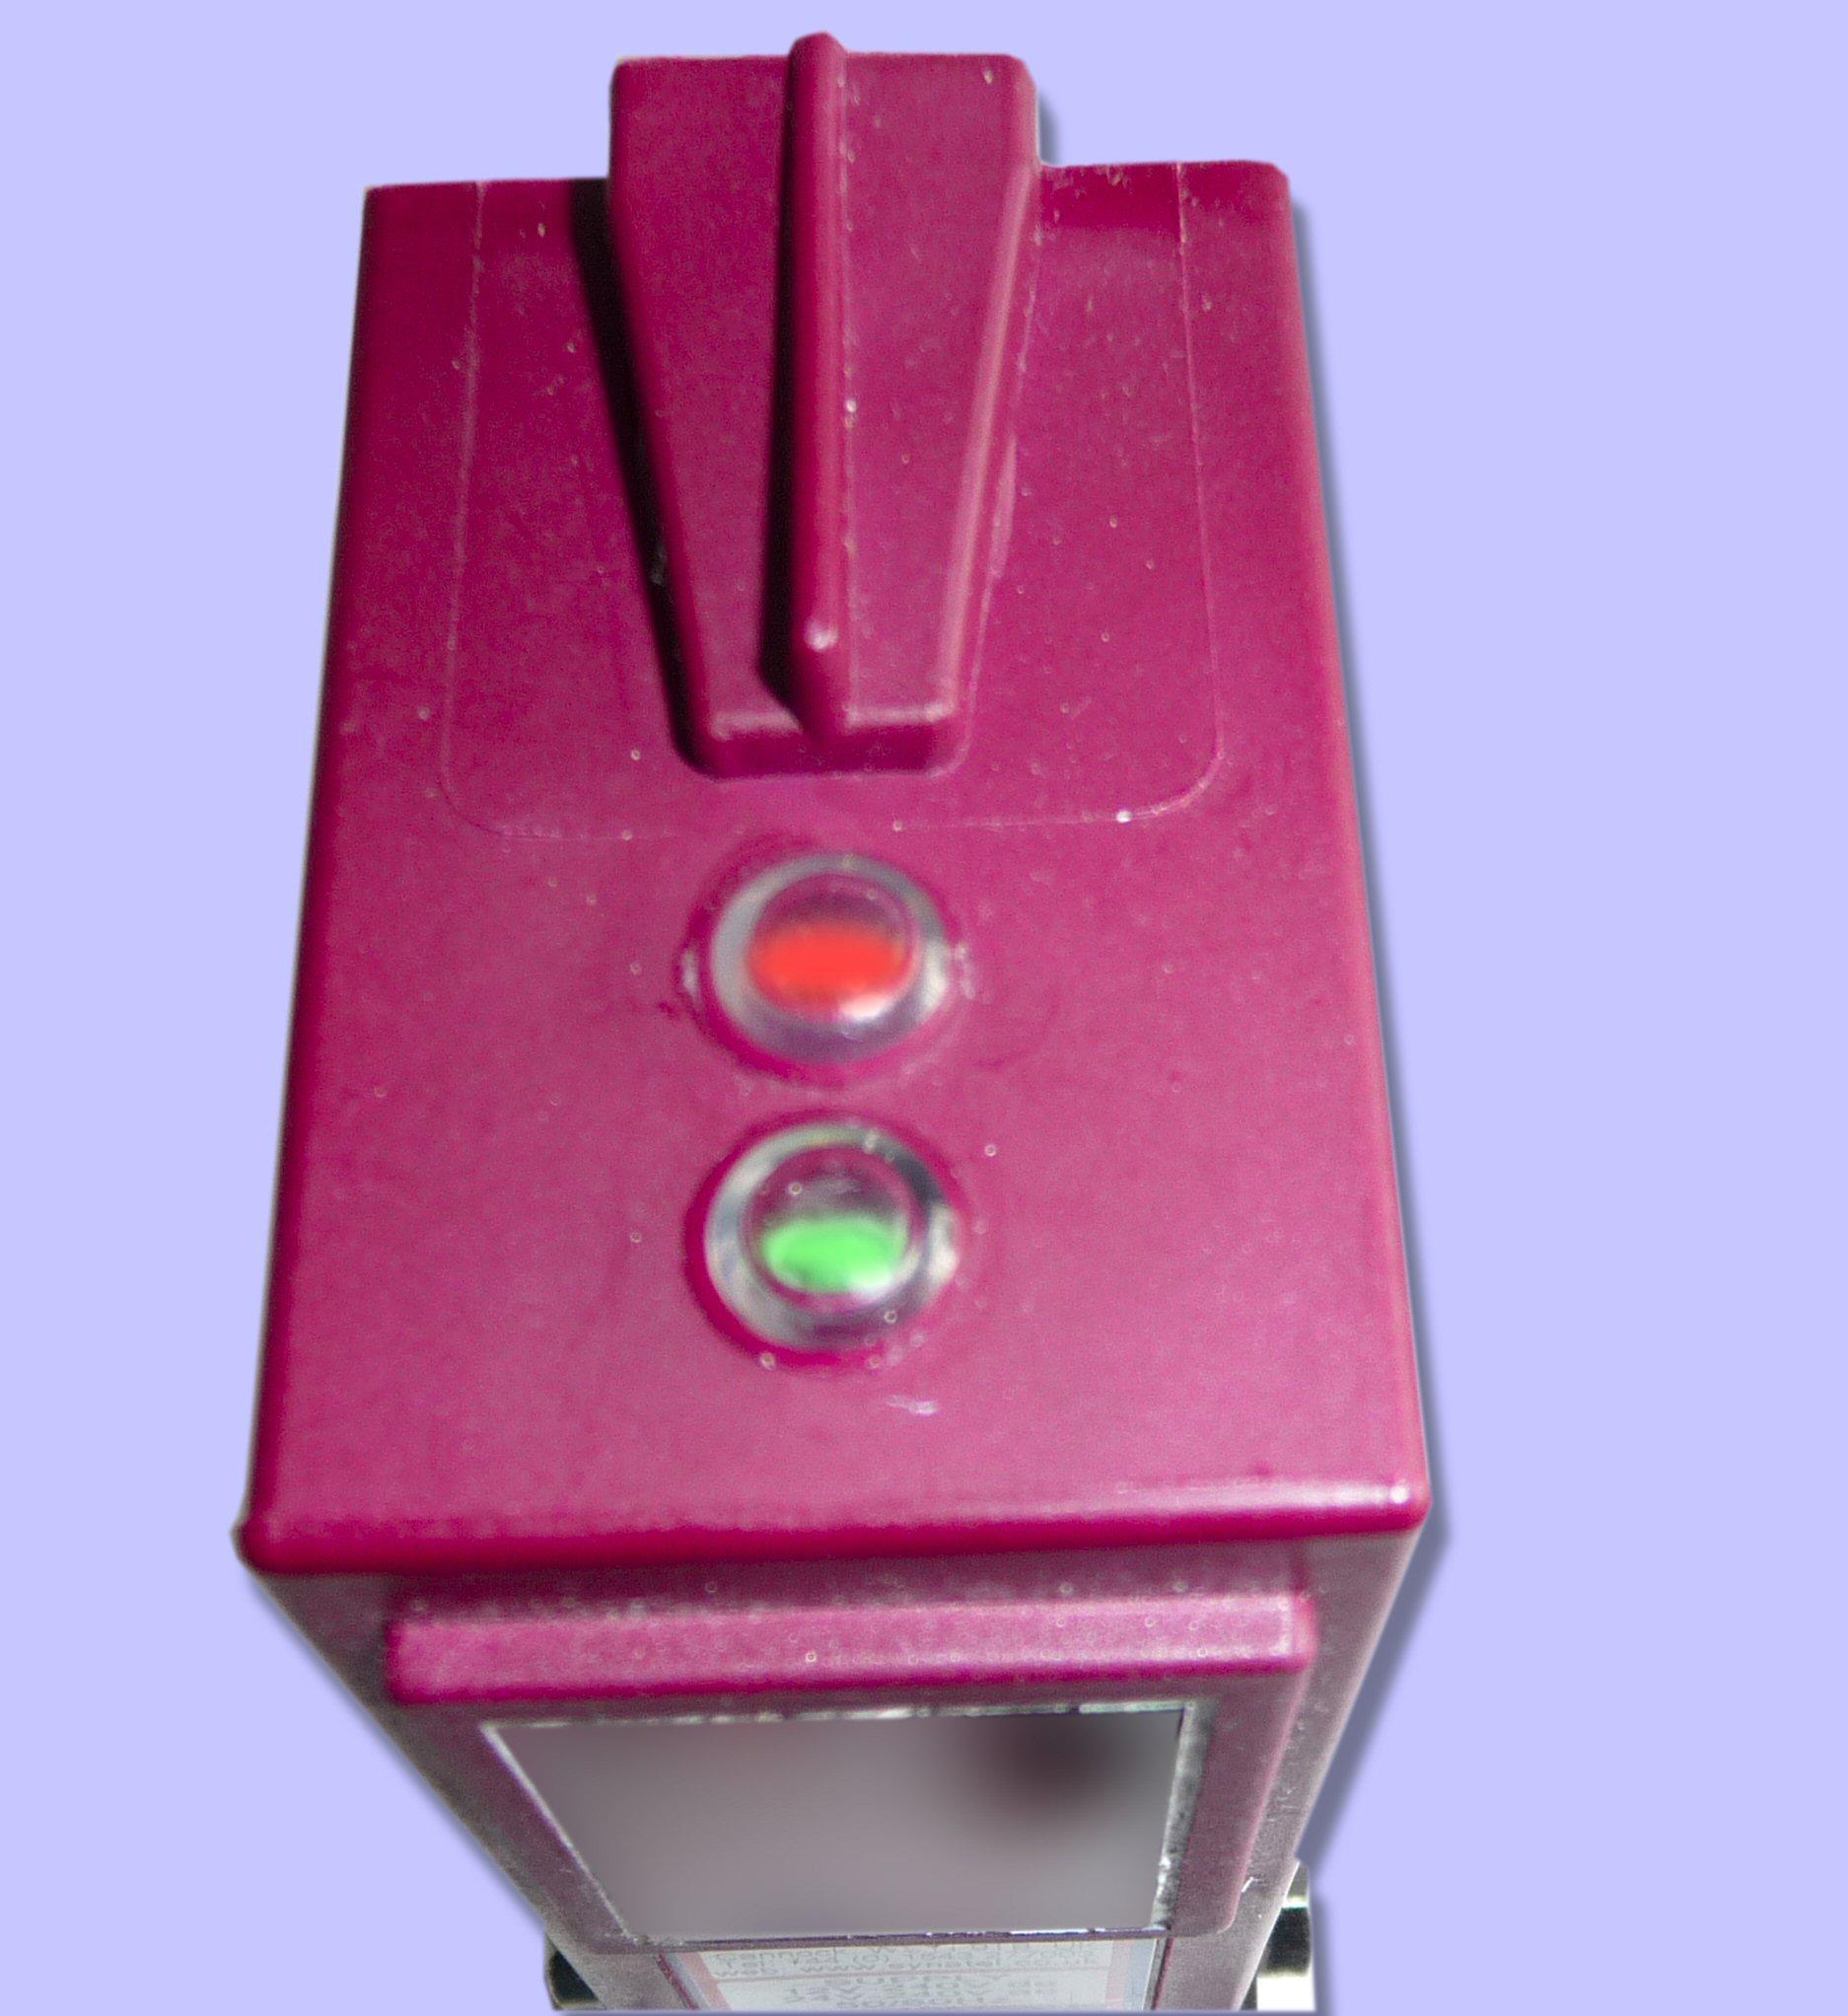 Unilight up2art ut2art ul2av LED's